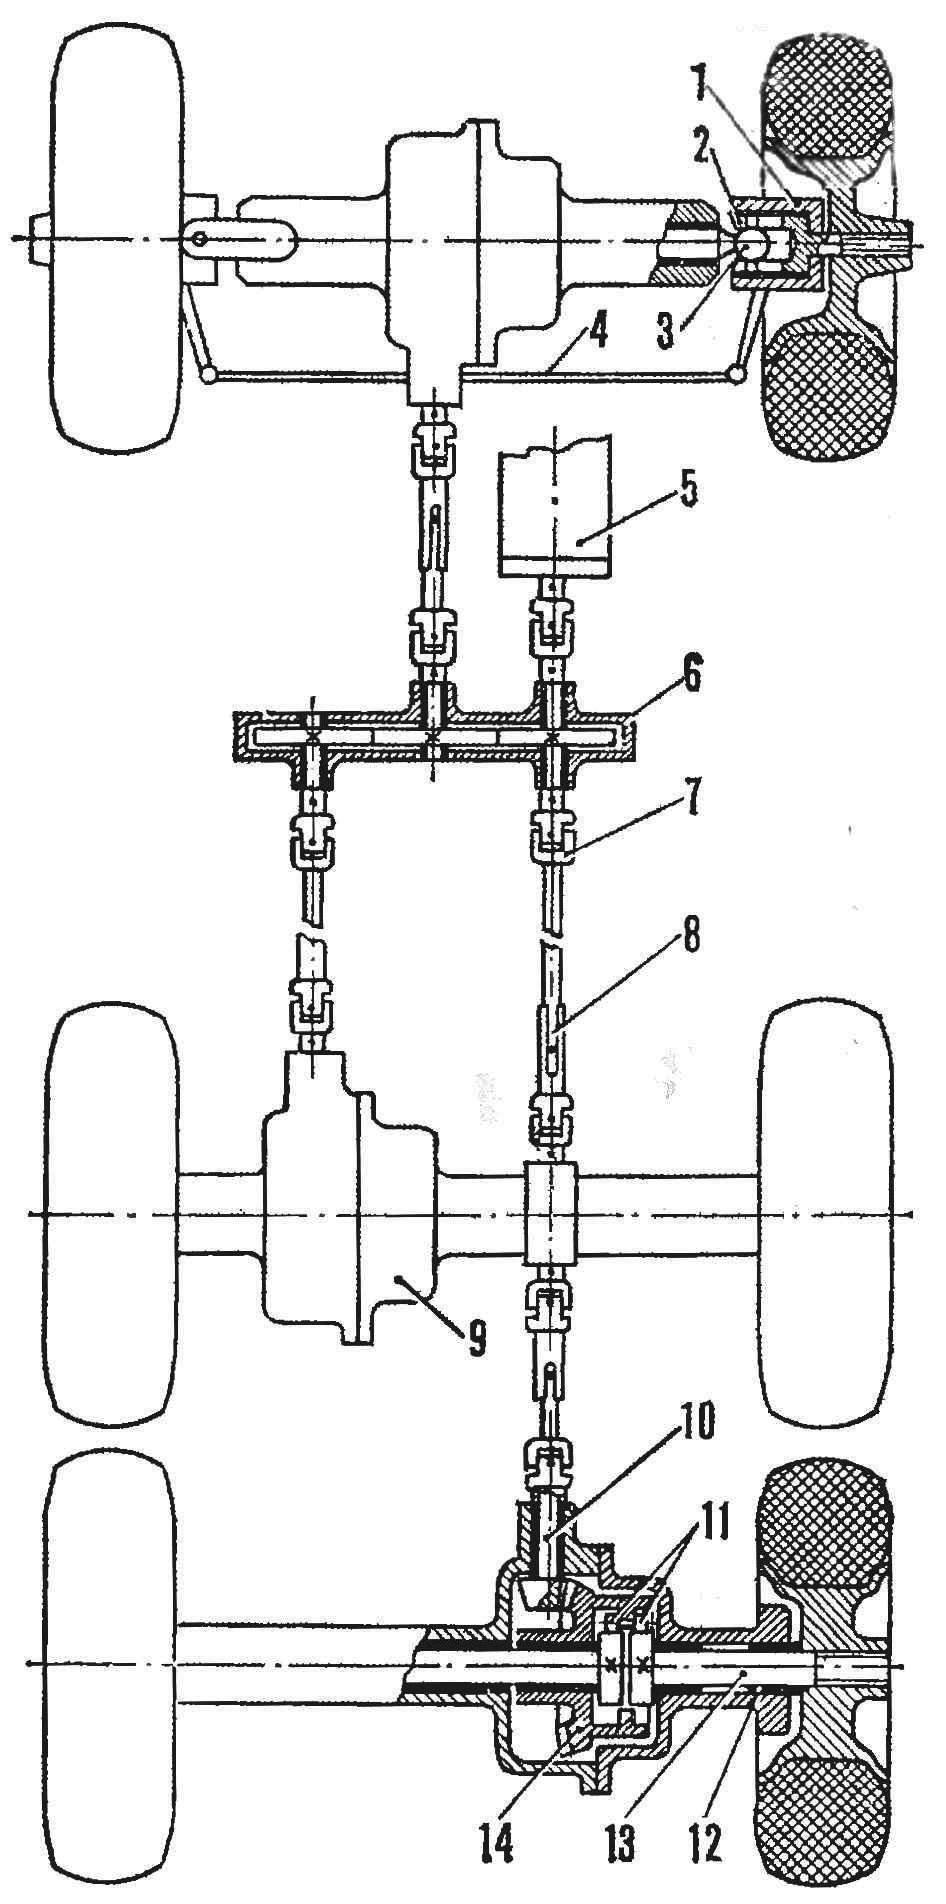 Рис. 7. Конструктивно-кинематическая схема трансмиссии модели автомобиля ЗИЛ-157